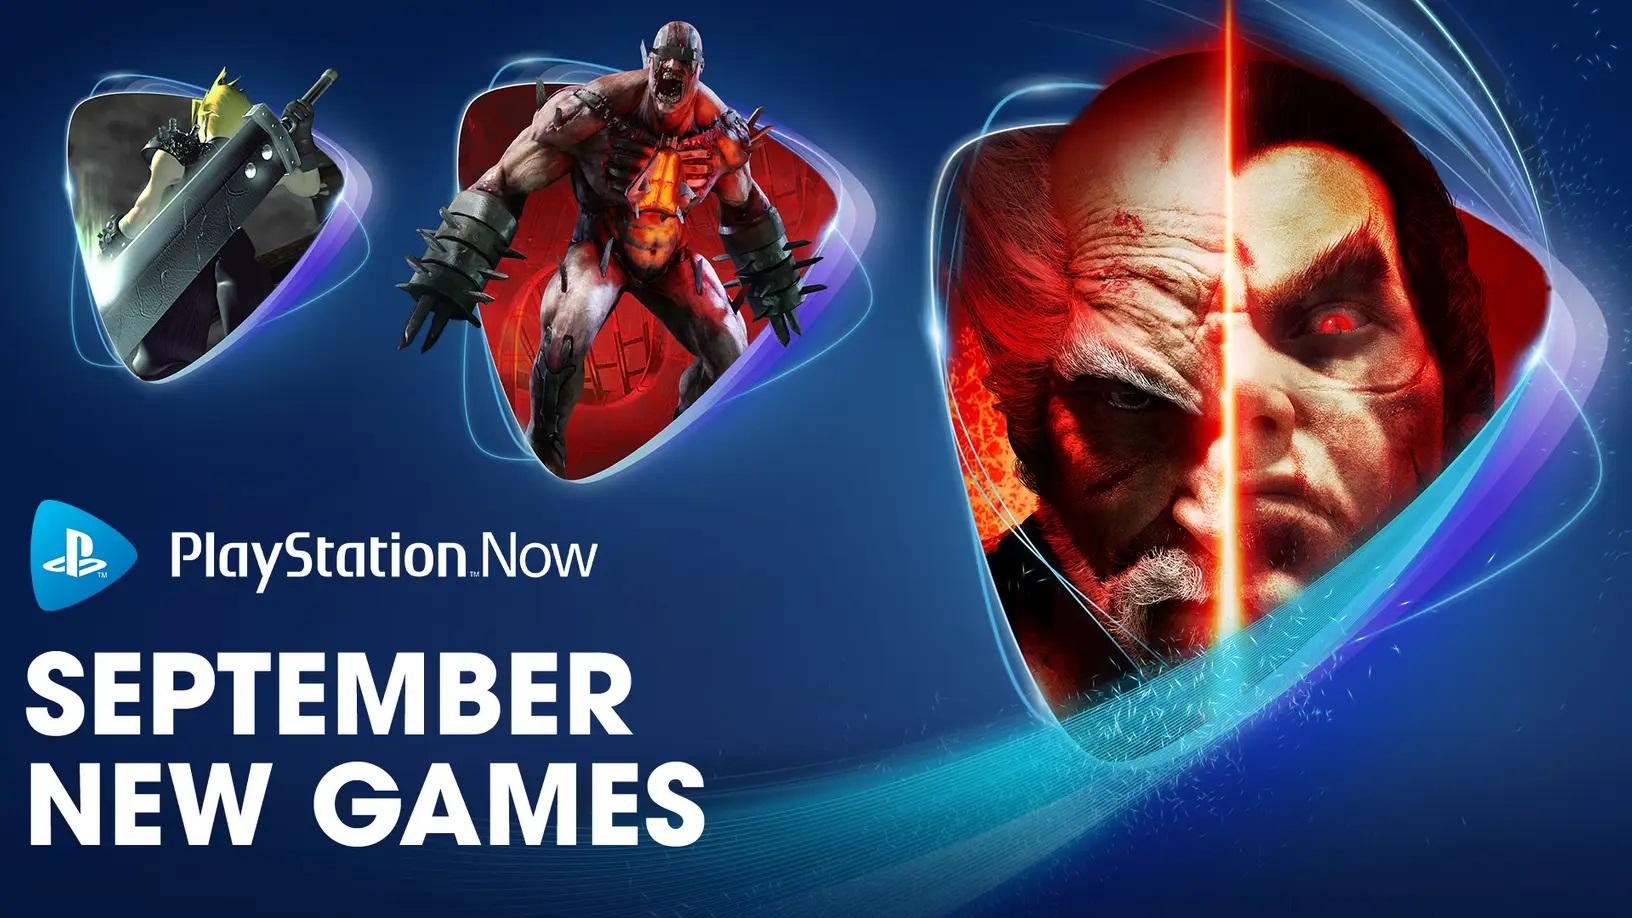 بازی های ماه سپتامبر سرویس PS Now مشخص شدند